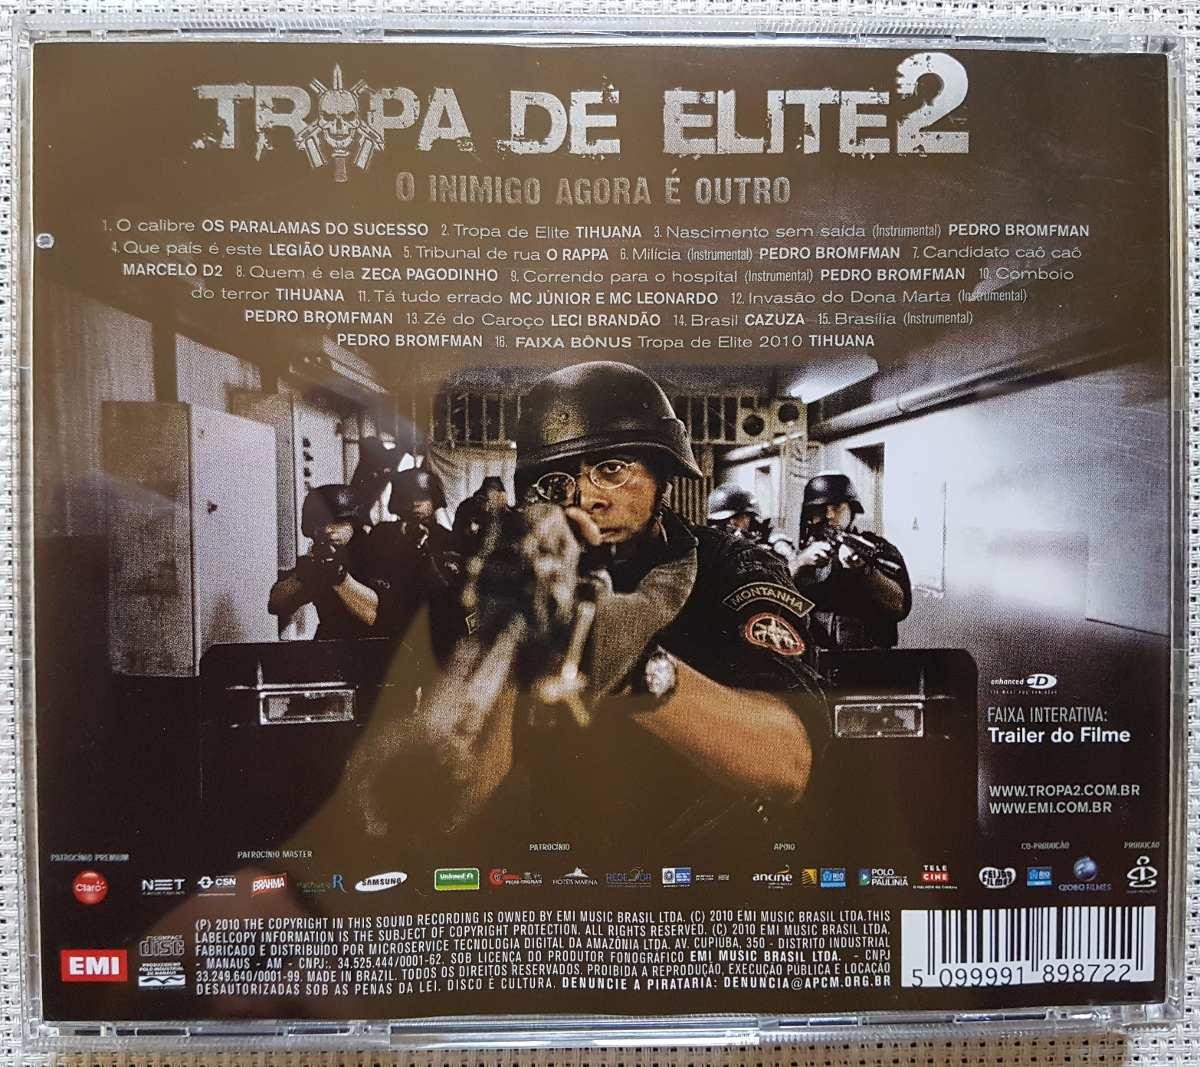 trilha sonora tropa de elite 2